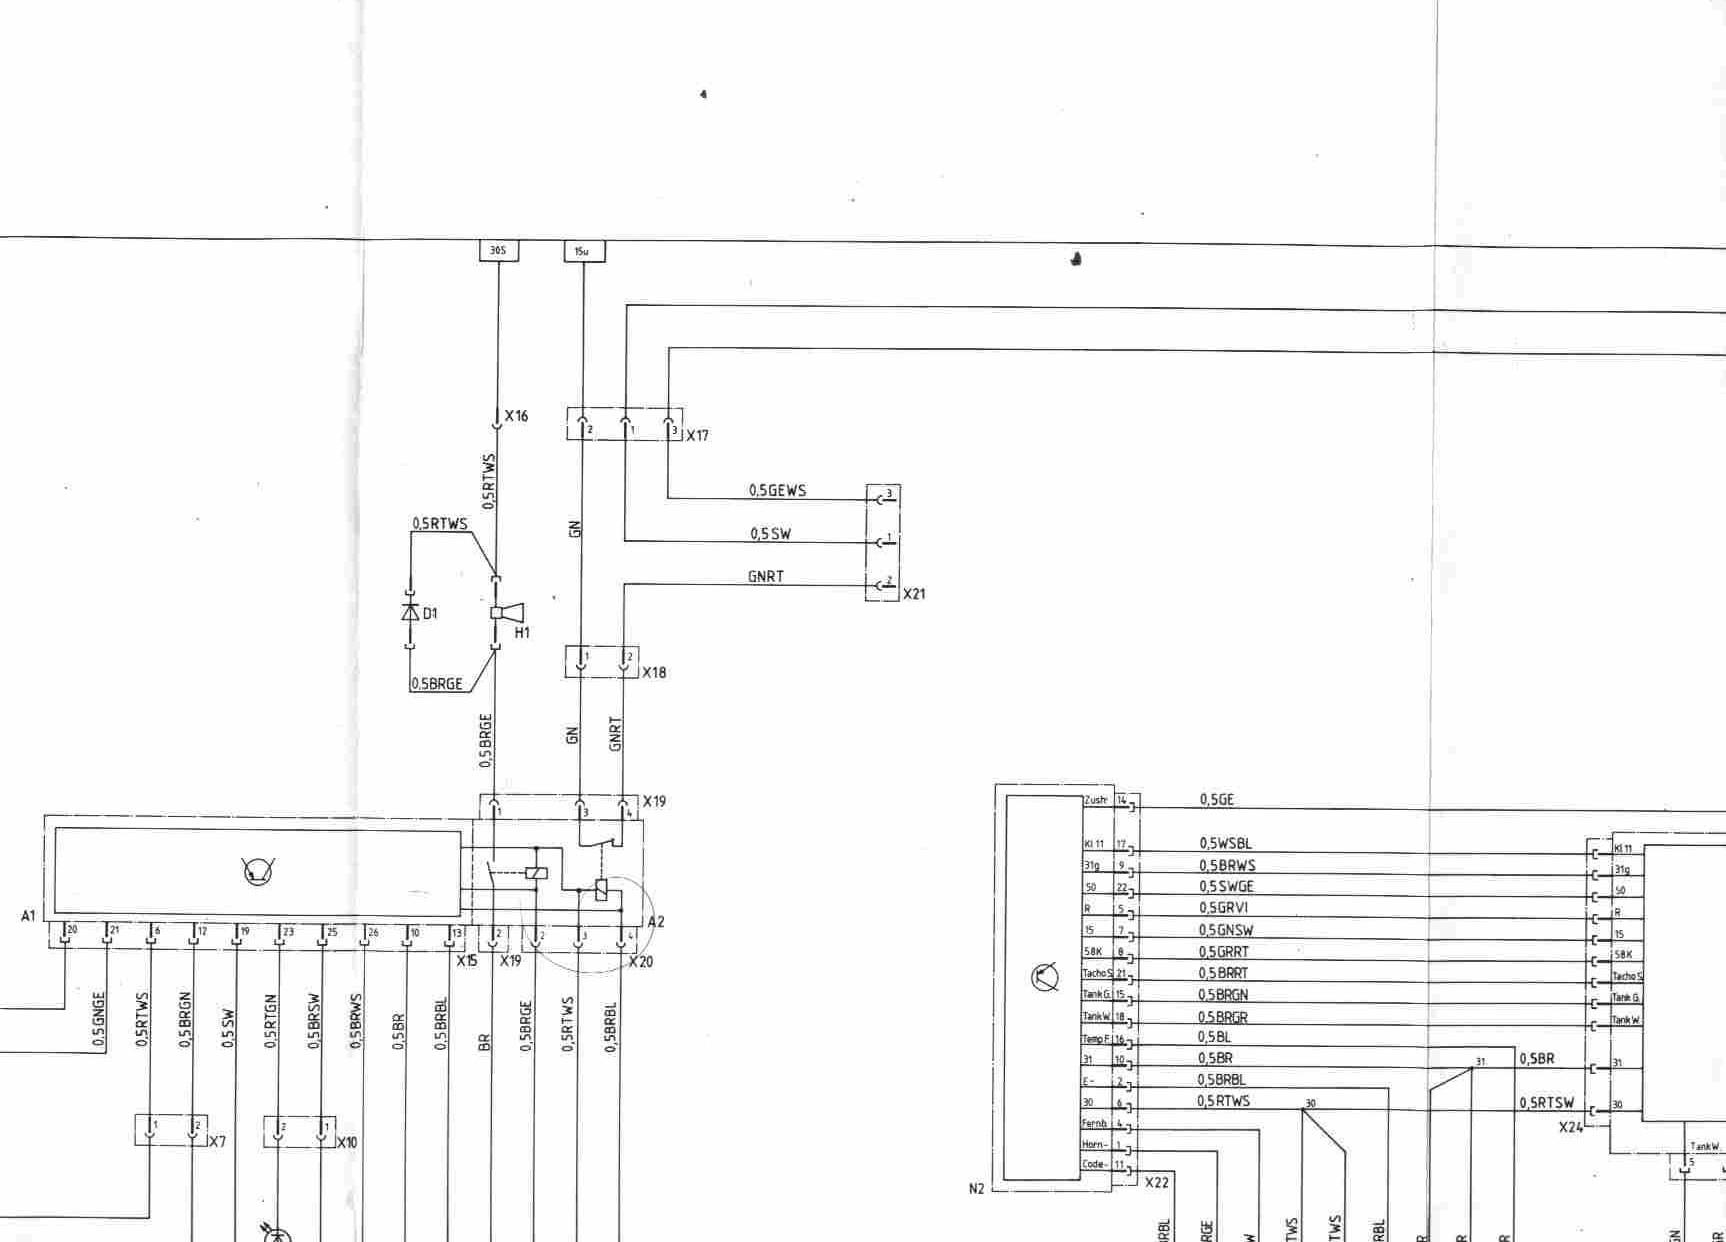 Großzügig Schaltplan E30 325i Bilder - Der Schaltplan ...